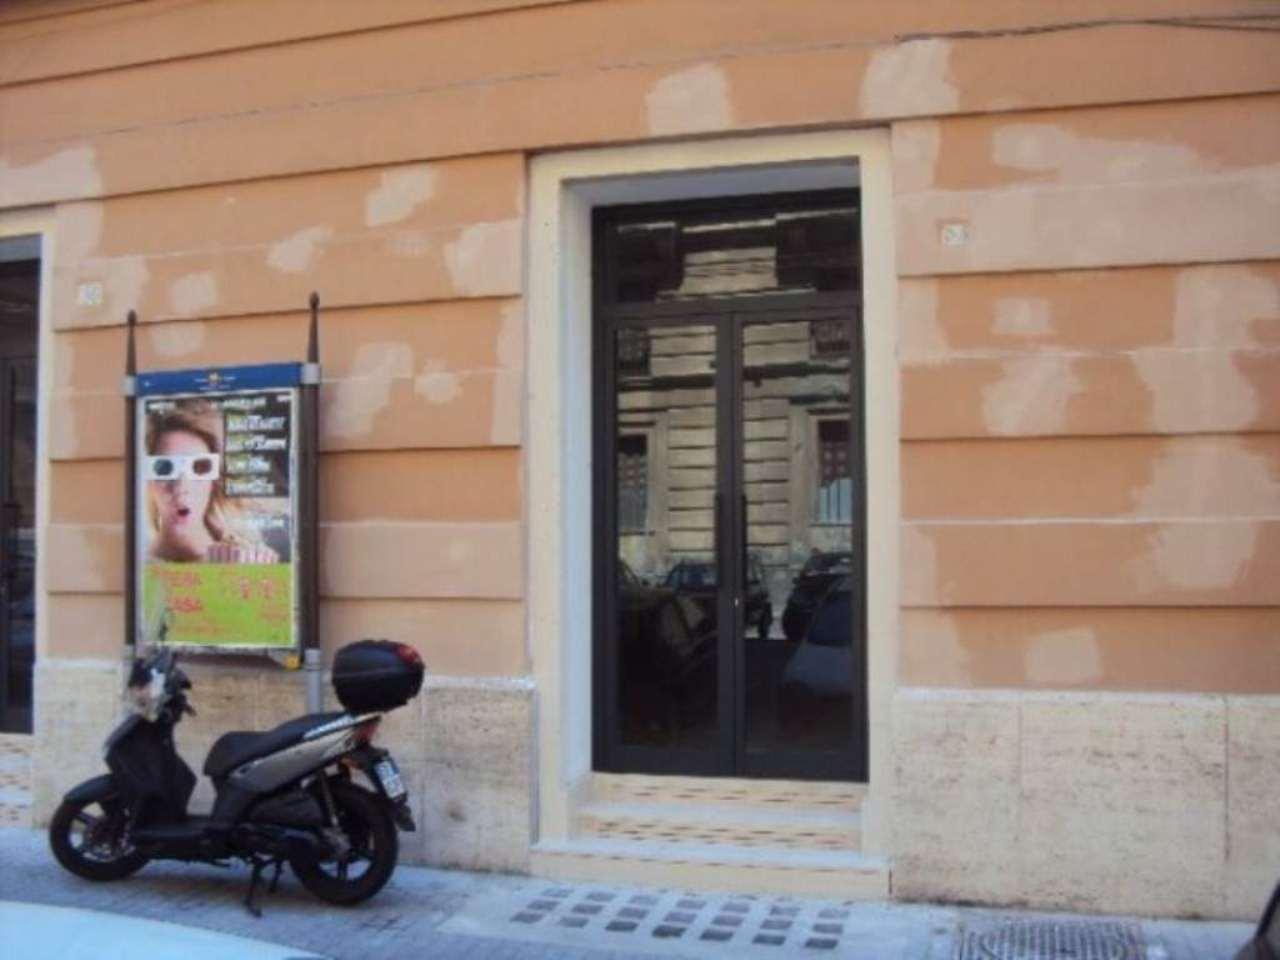 Negozio / Locale in vendita a Napoli, 6 locali, zona Zona: 1 . Chiaia, Posillipo, San Ferdinando, Trattative riservate | Cambio Casa.it